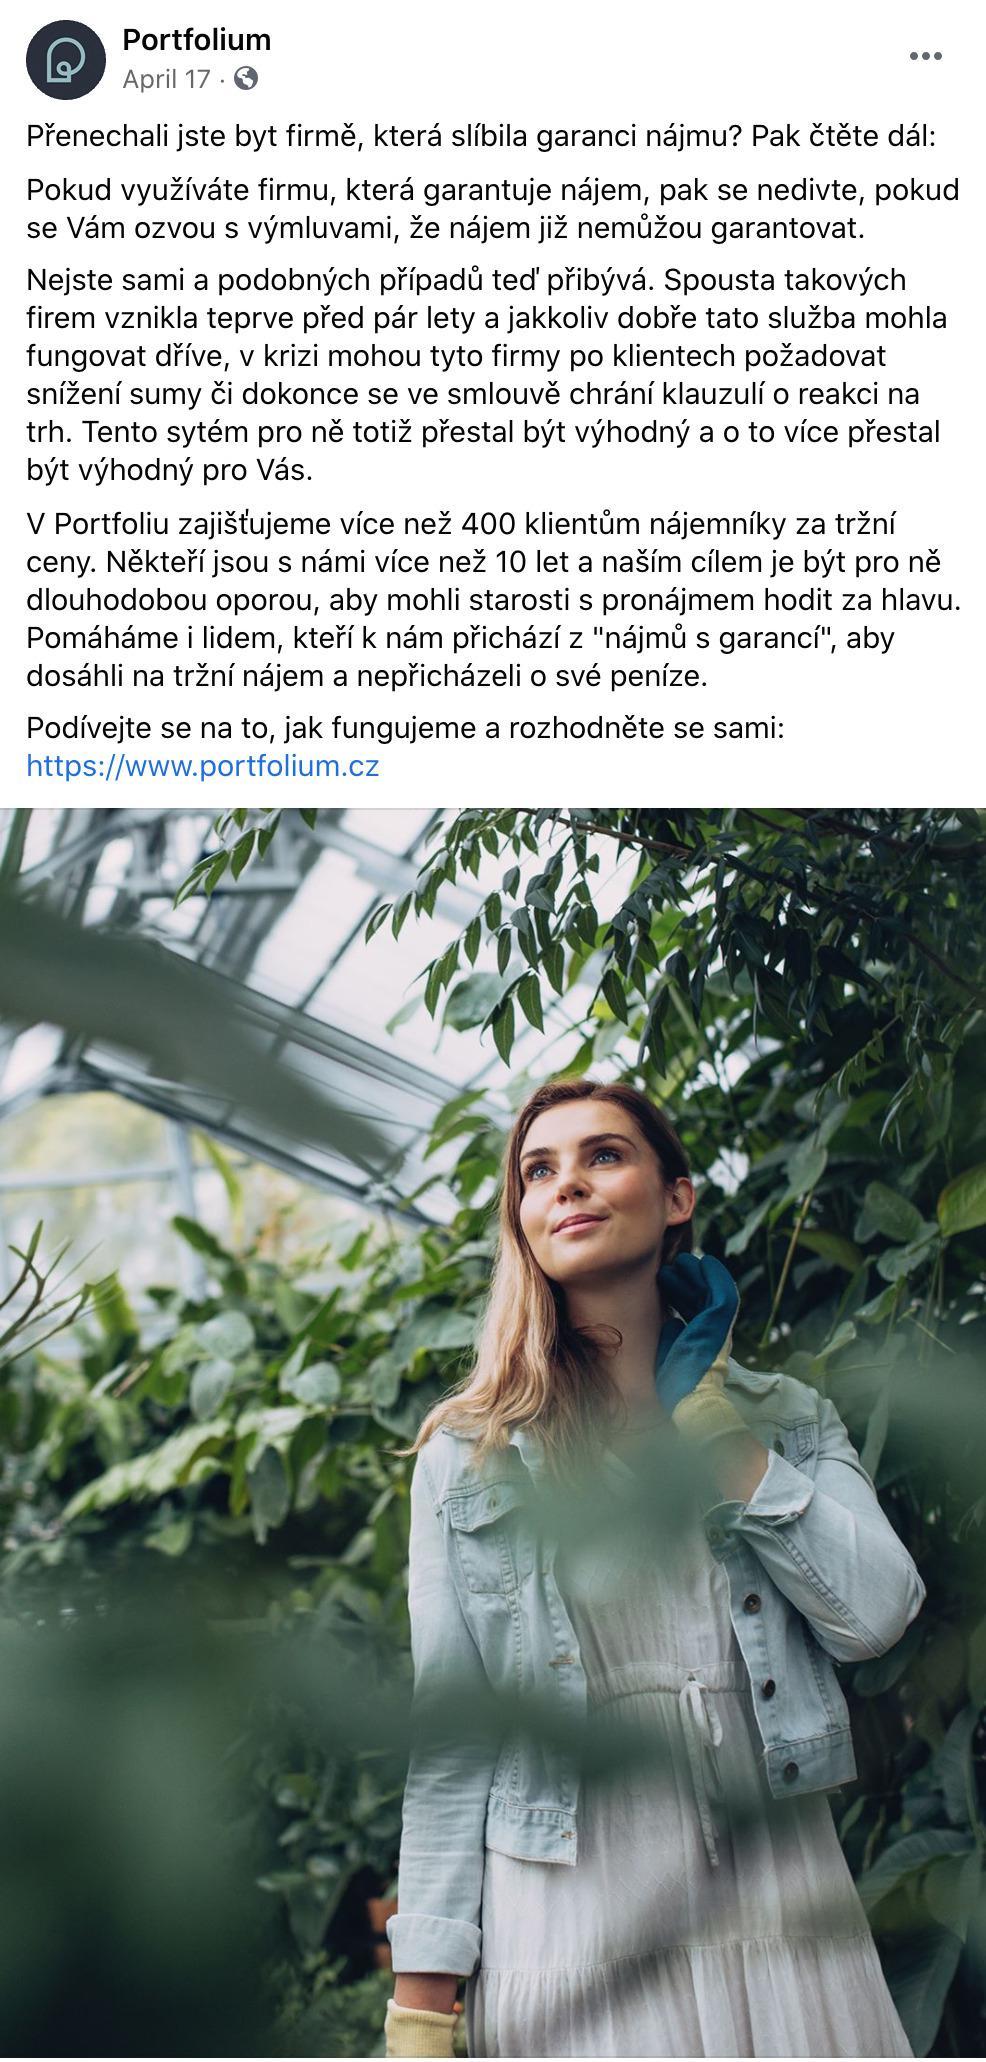 Portfolium - 3